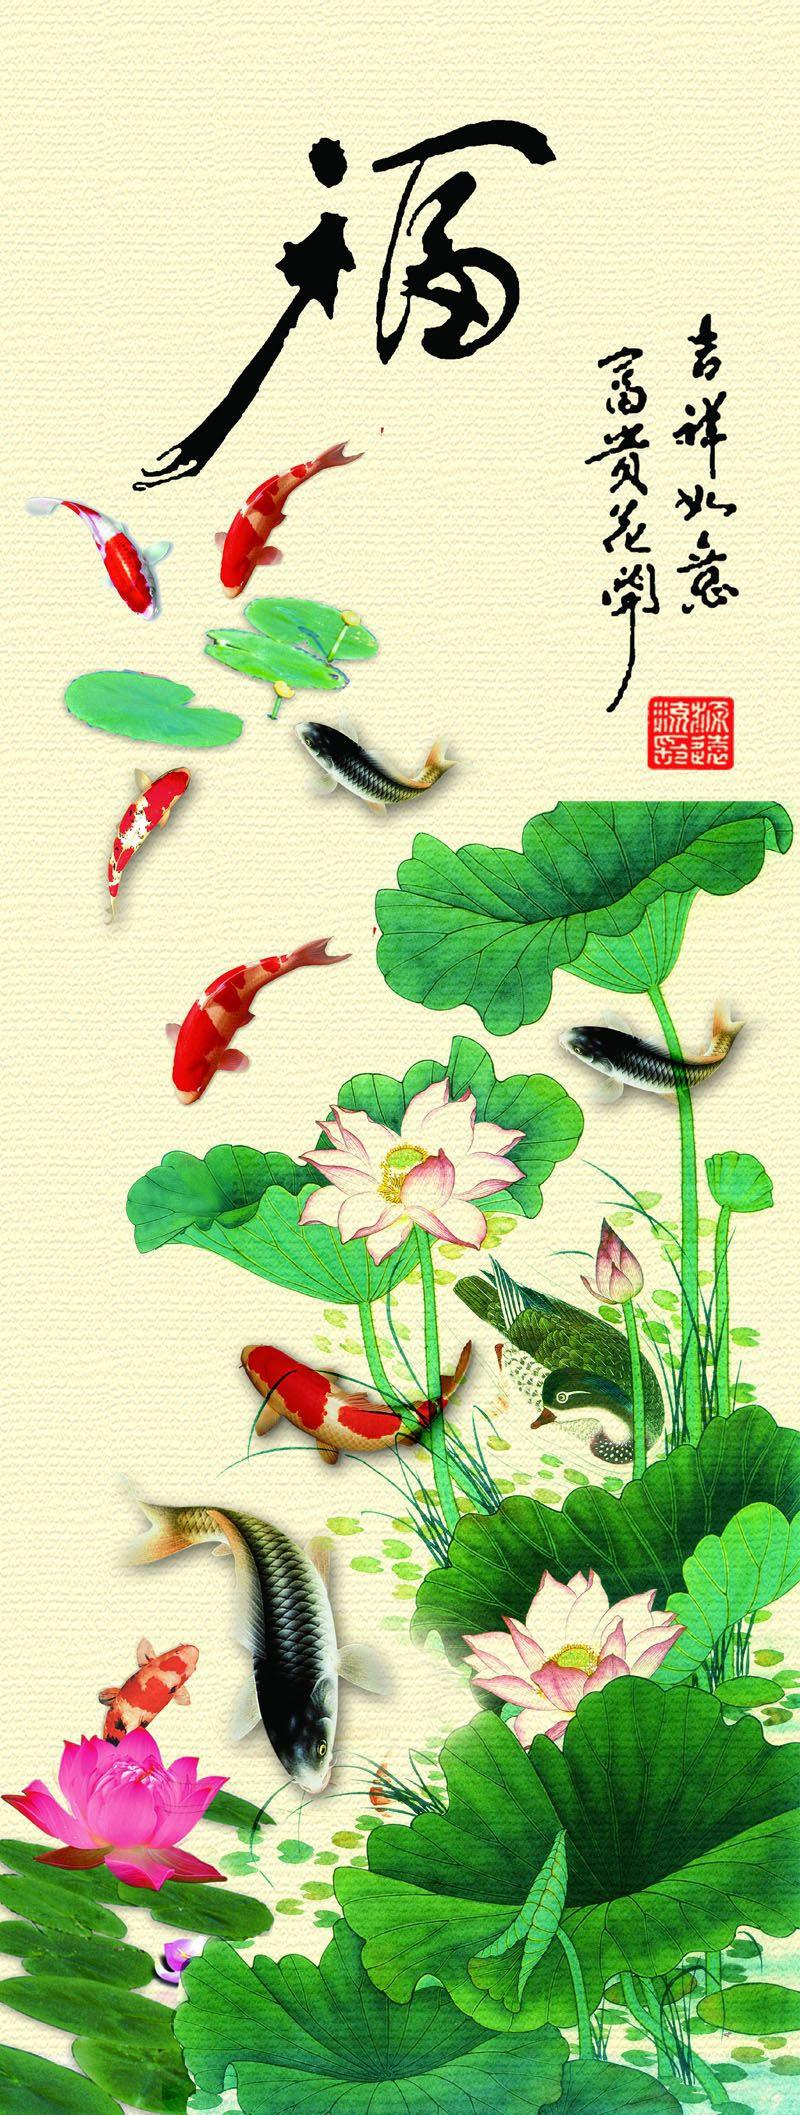 Tranh Cá Phong Thủy - CPT532